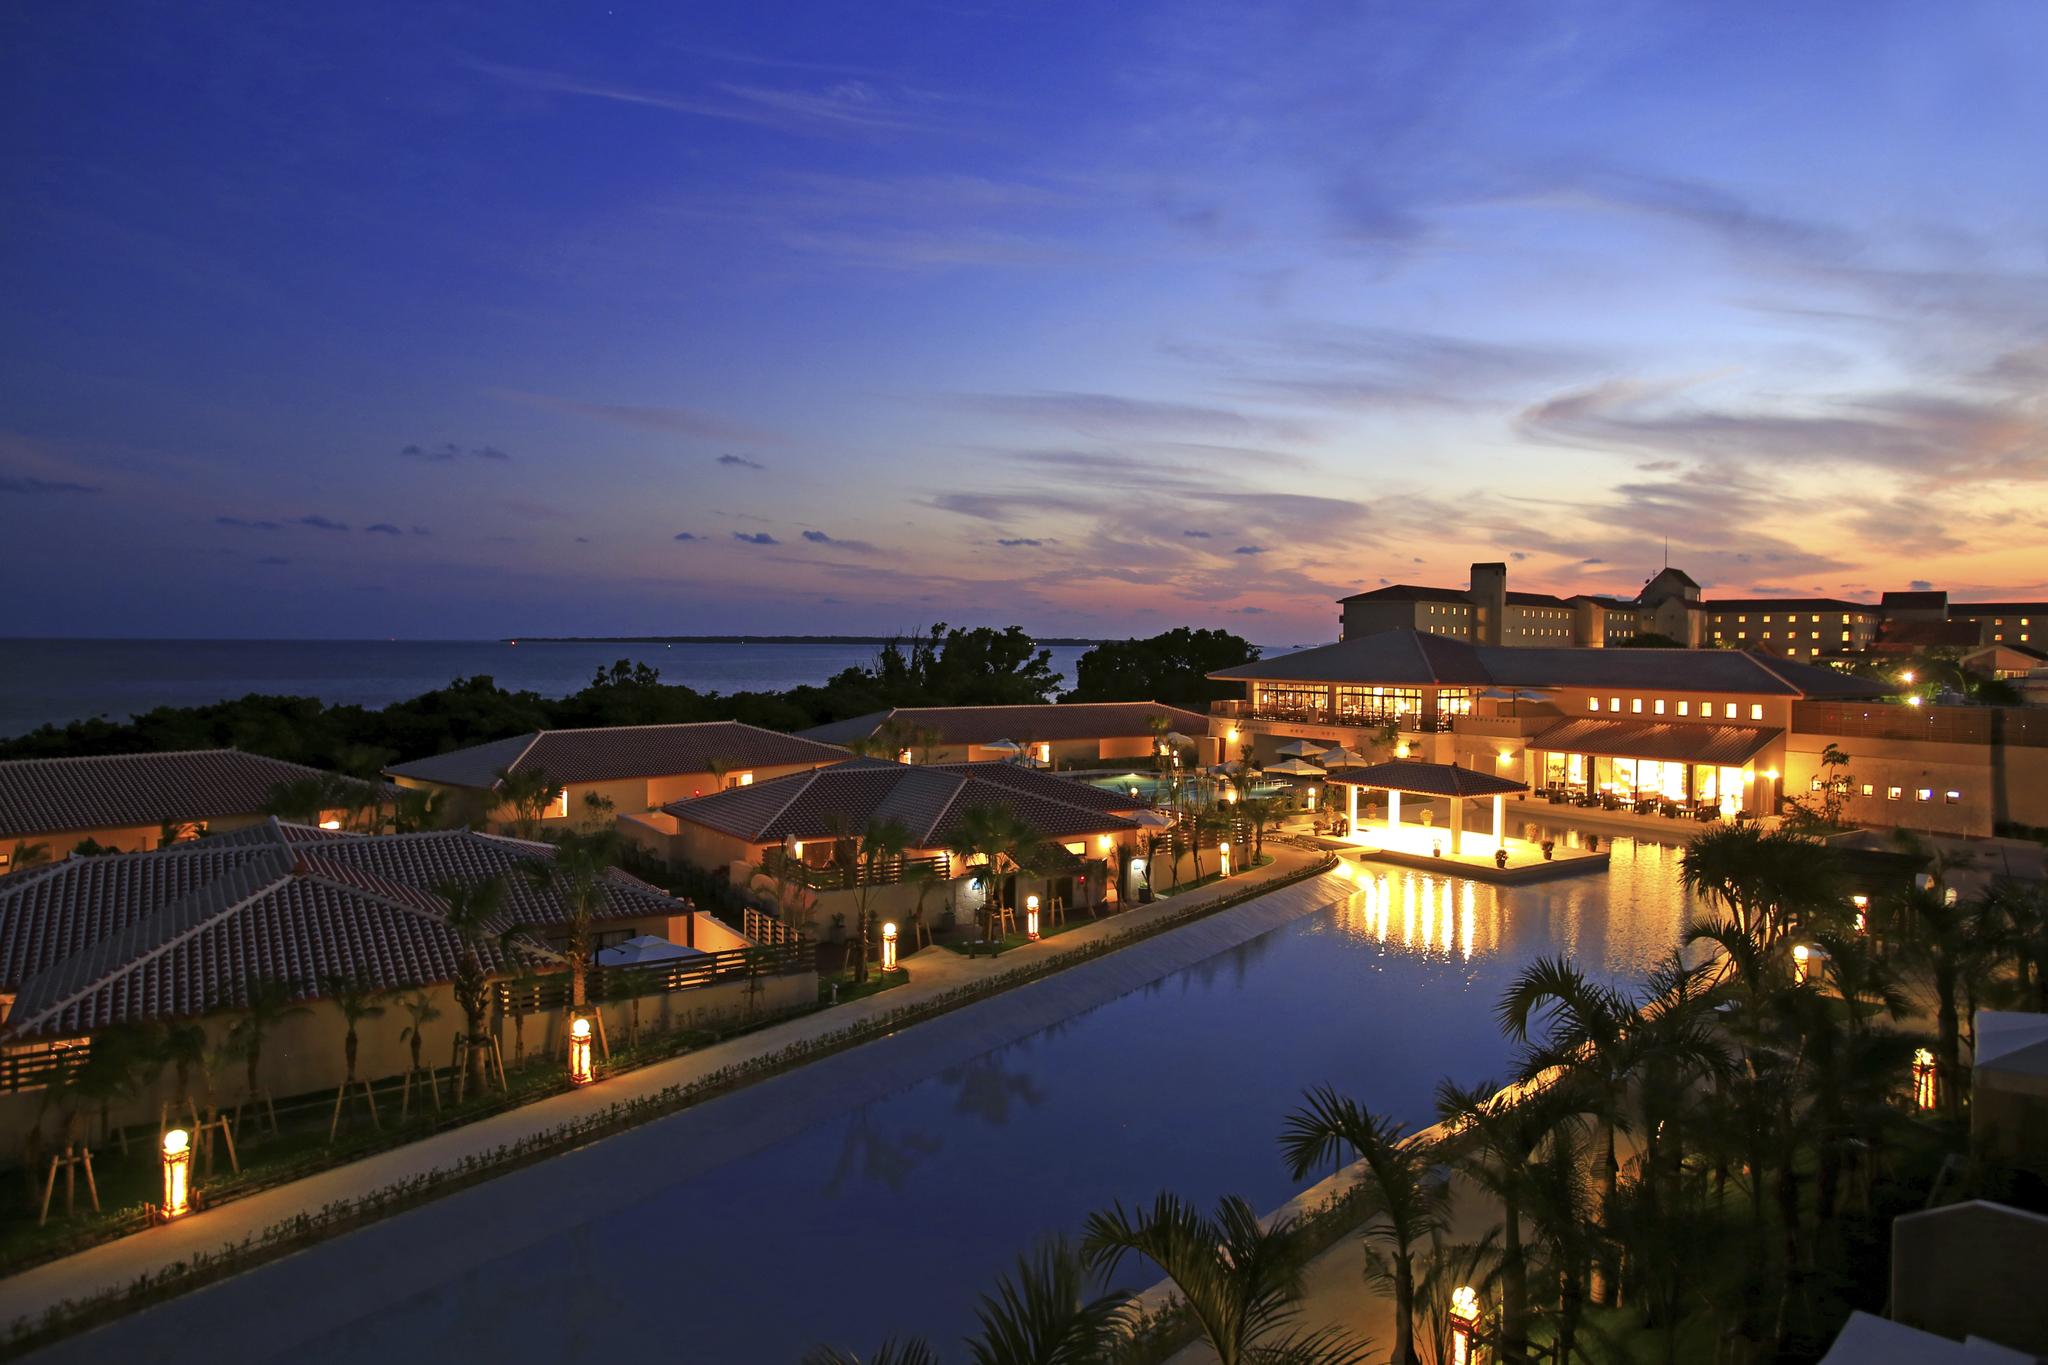 グランヴィリオ リゾート石垣島 ヴィラガーデン ―ルートインホテルズ―<石垣島> その1